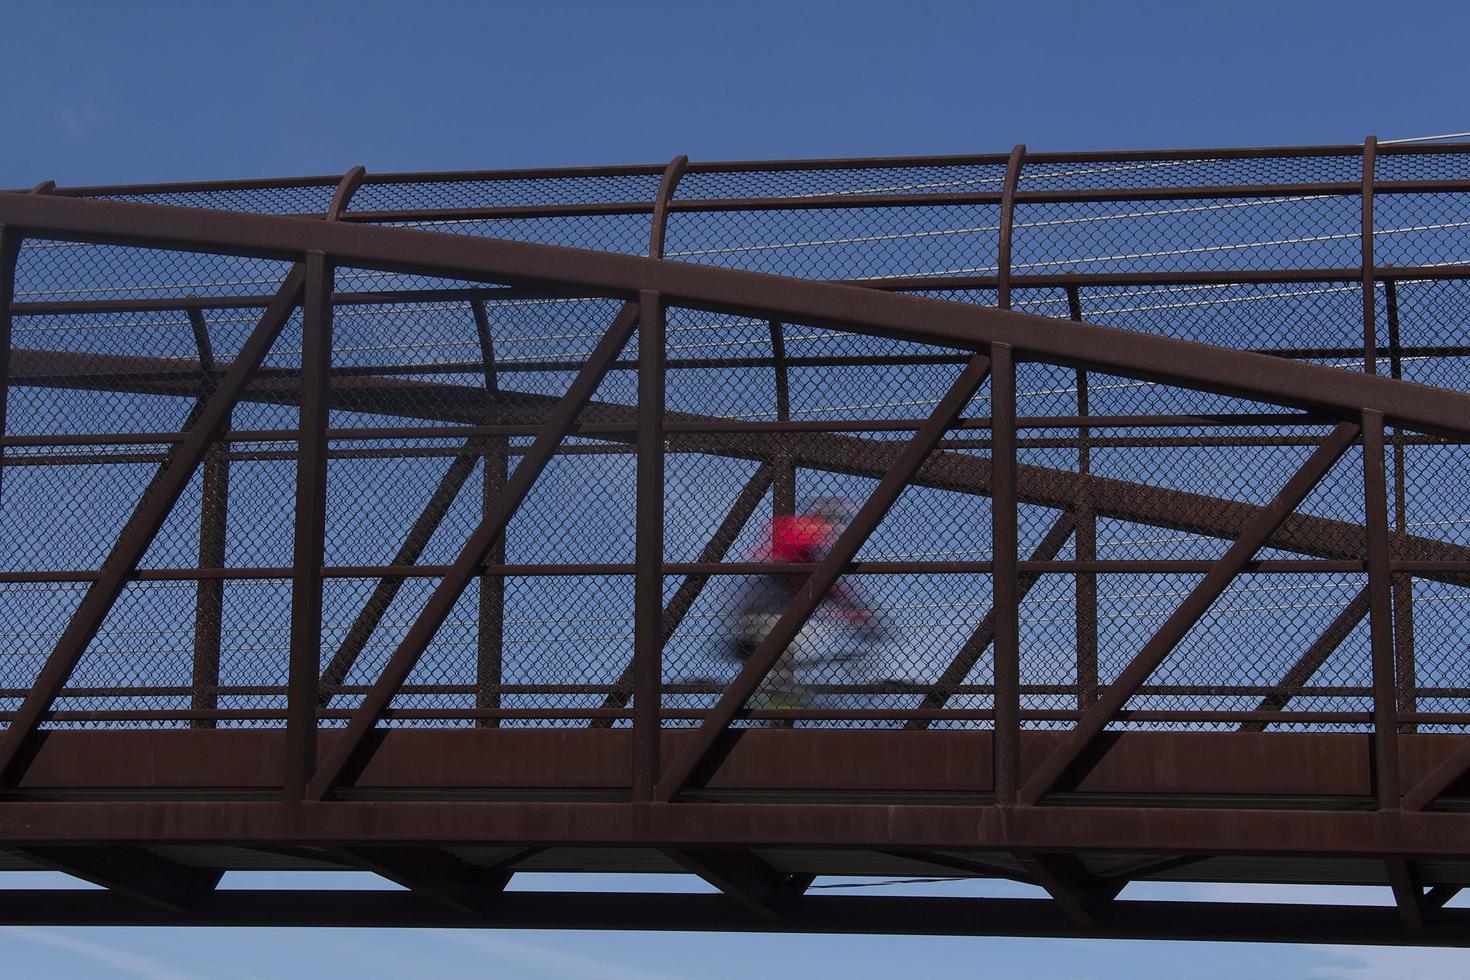 cycliste en mouvement traversant le pont photo